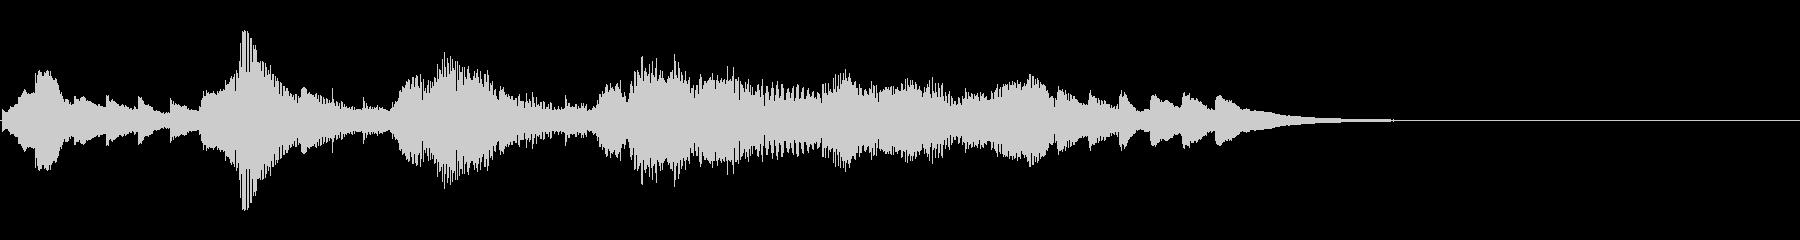 一件落着のオルゴール/サウンドロゴの未再生の波形